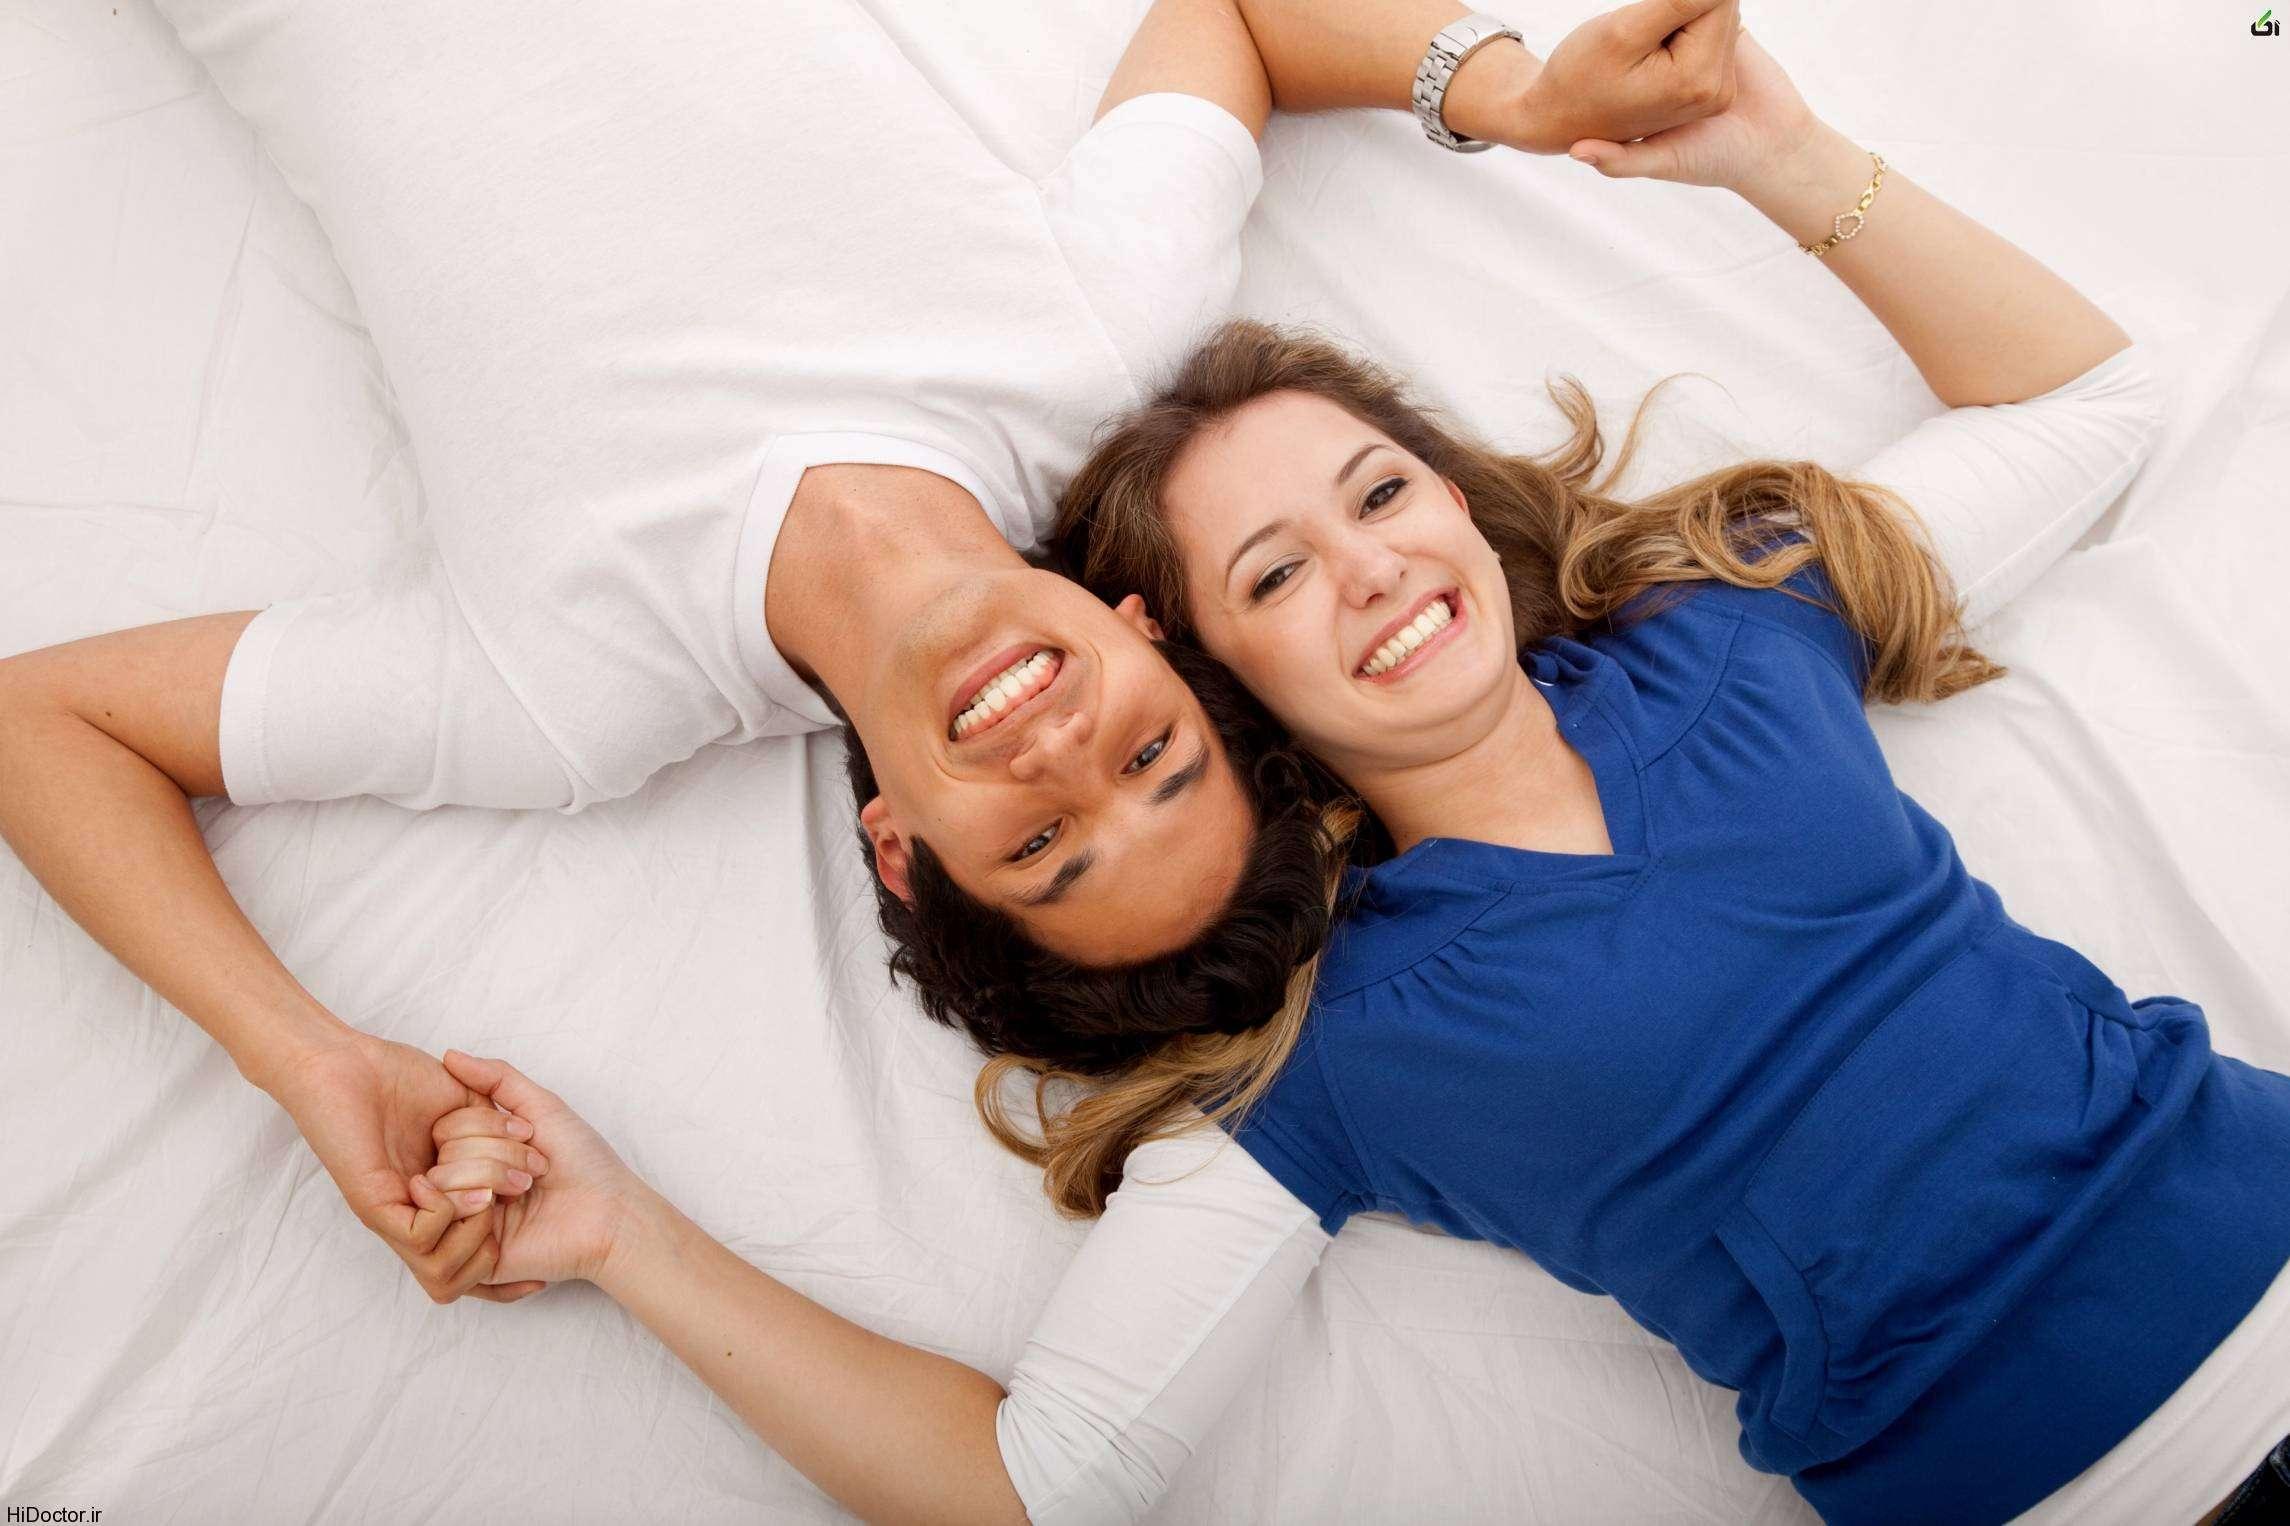 دوران عقد,مسایل زناشویی در دوران عقد,عقد و ازدواج